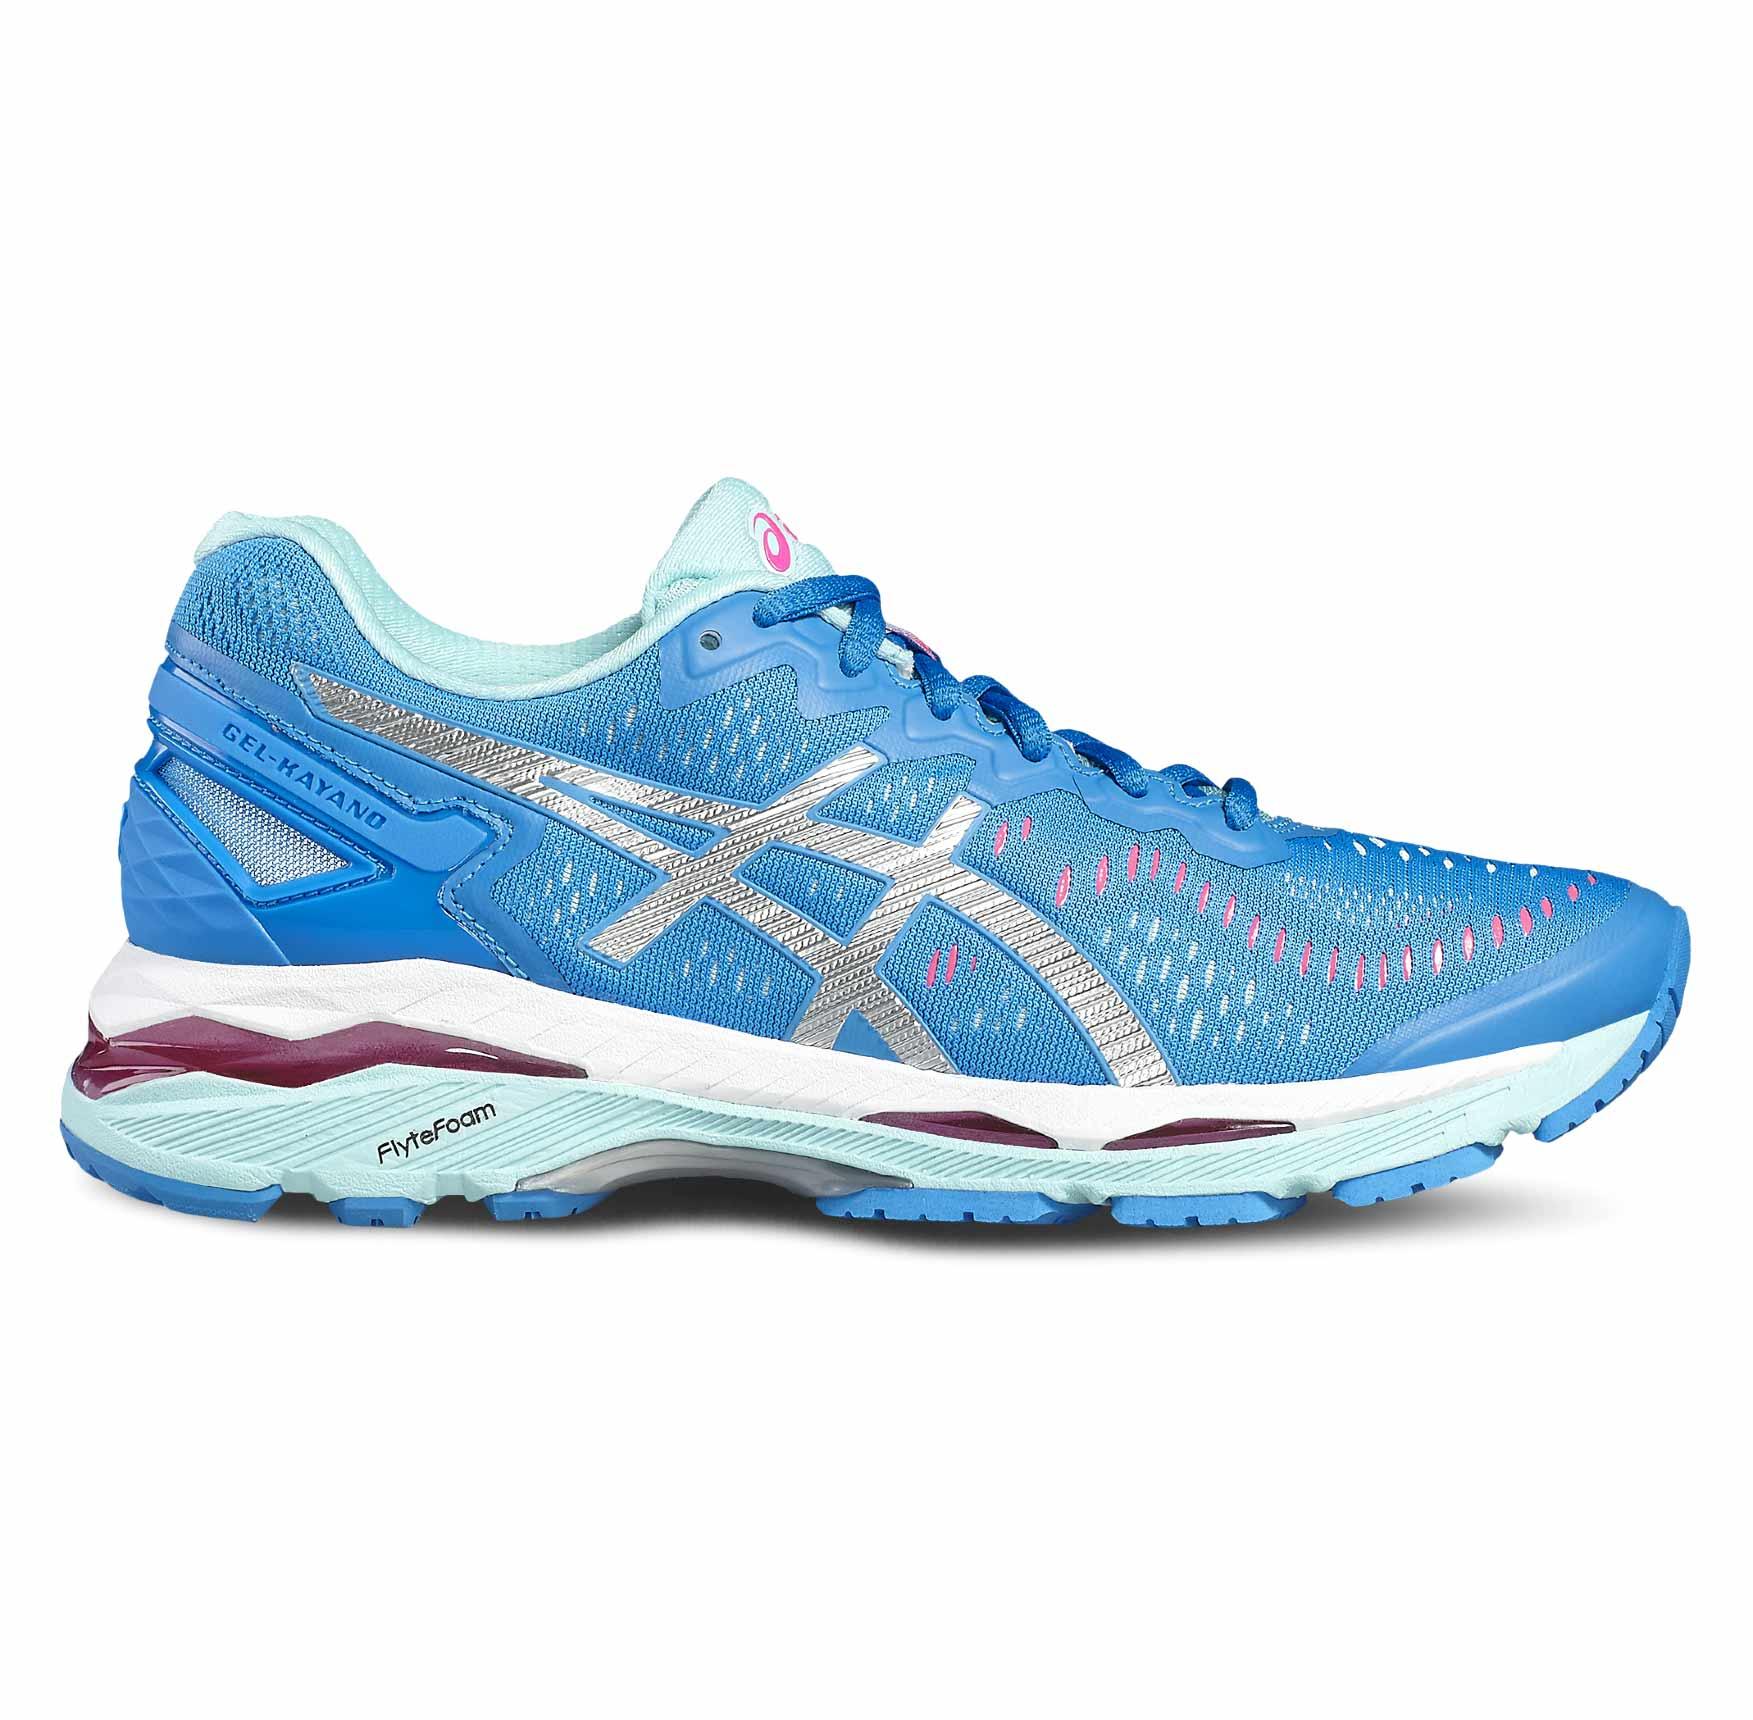 נעלי ריצה לנשים - דגם Asics Gel Kayano 23